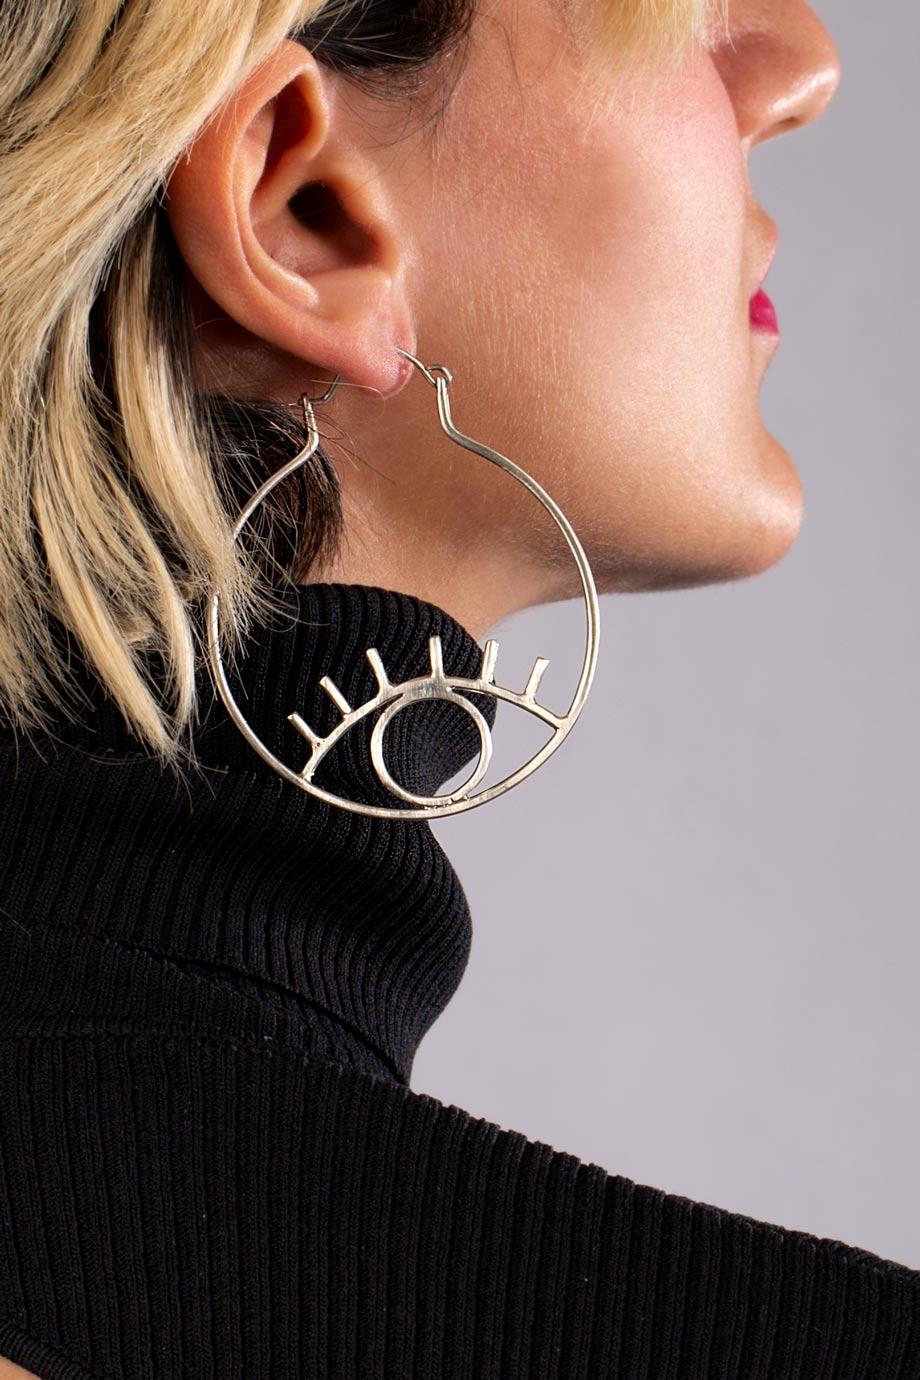 گوشواره نقره دایره و چشم